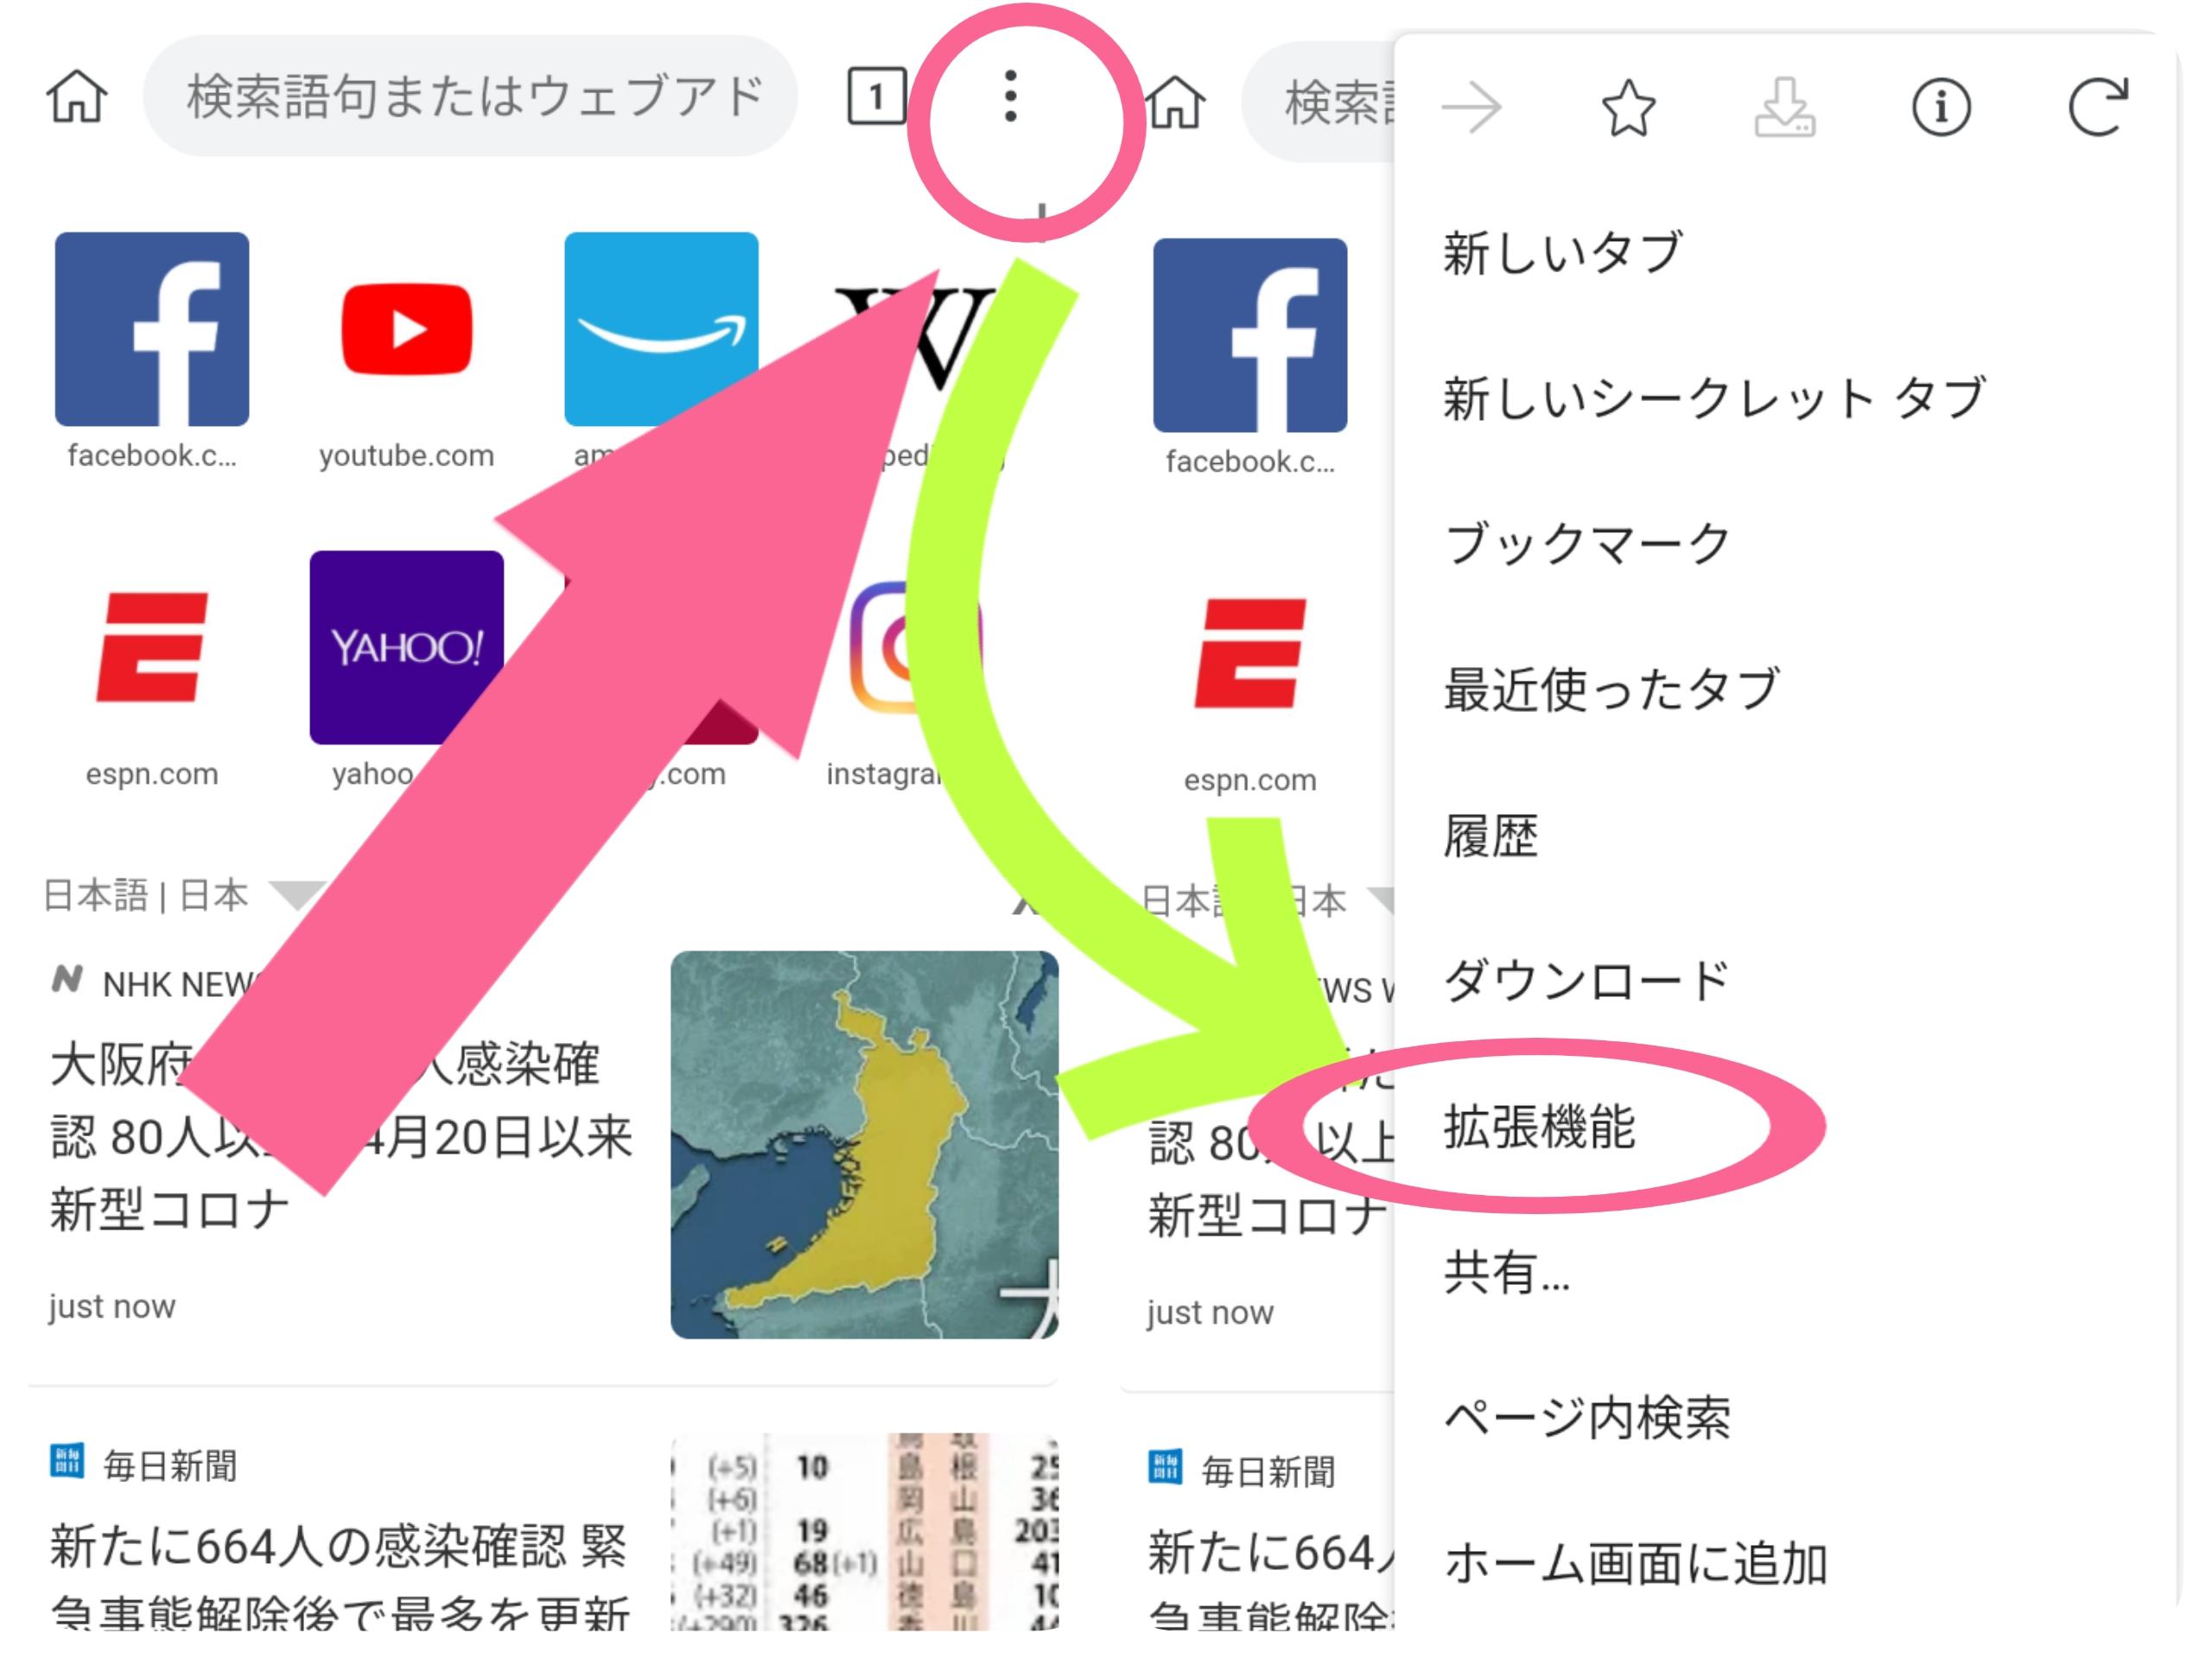 Kiwi Browser トップページ 右上 メニュー 拡張機能 タップ